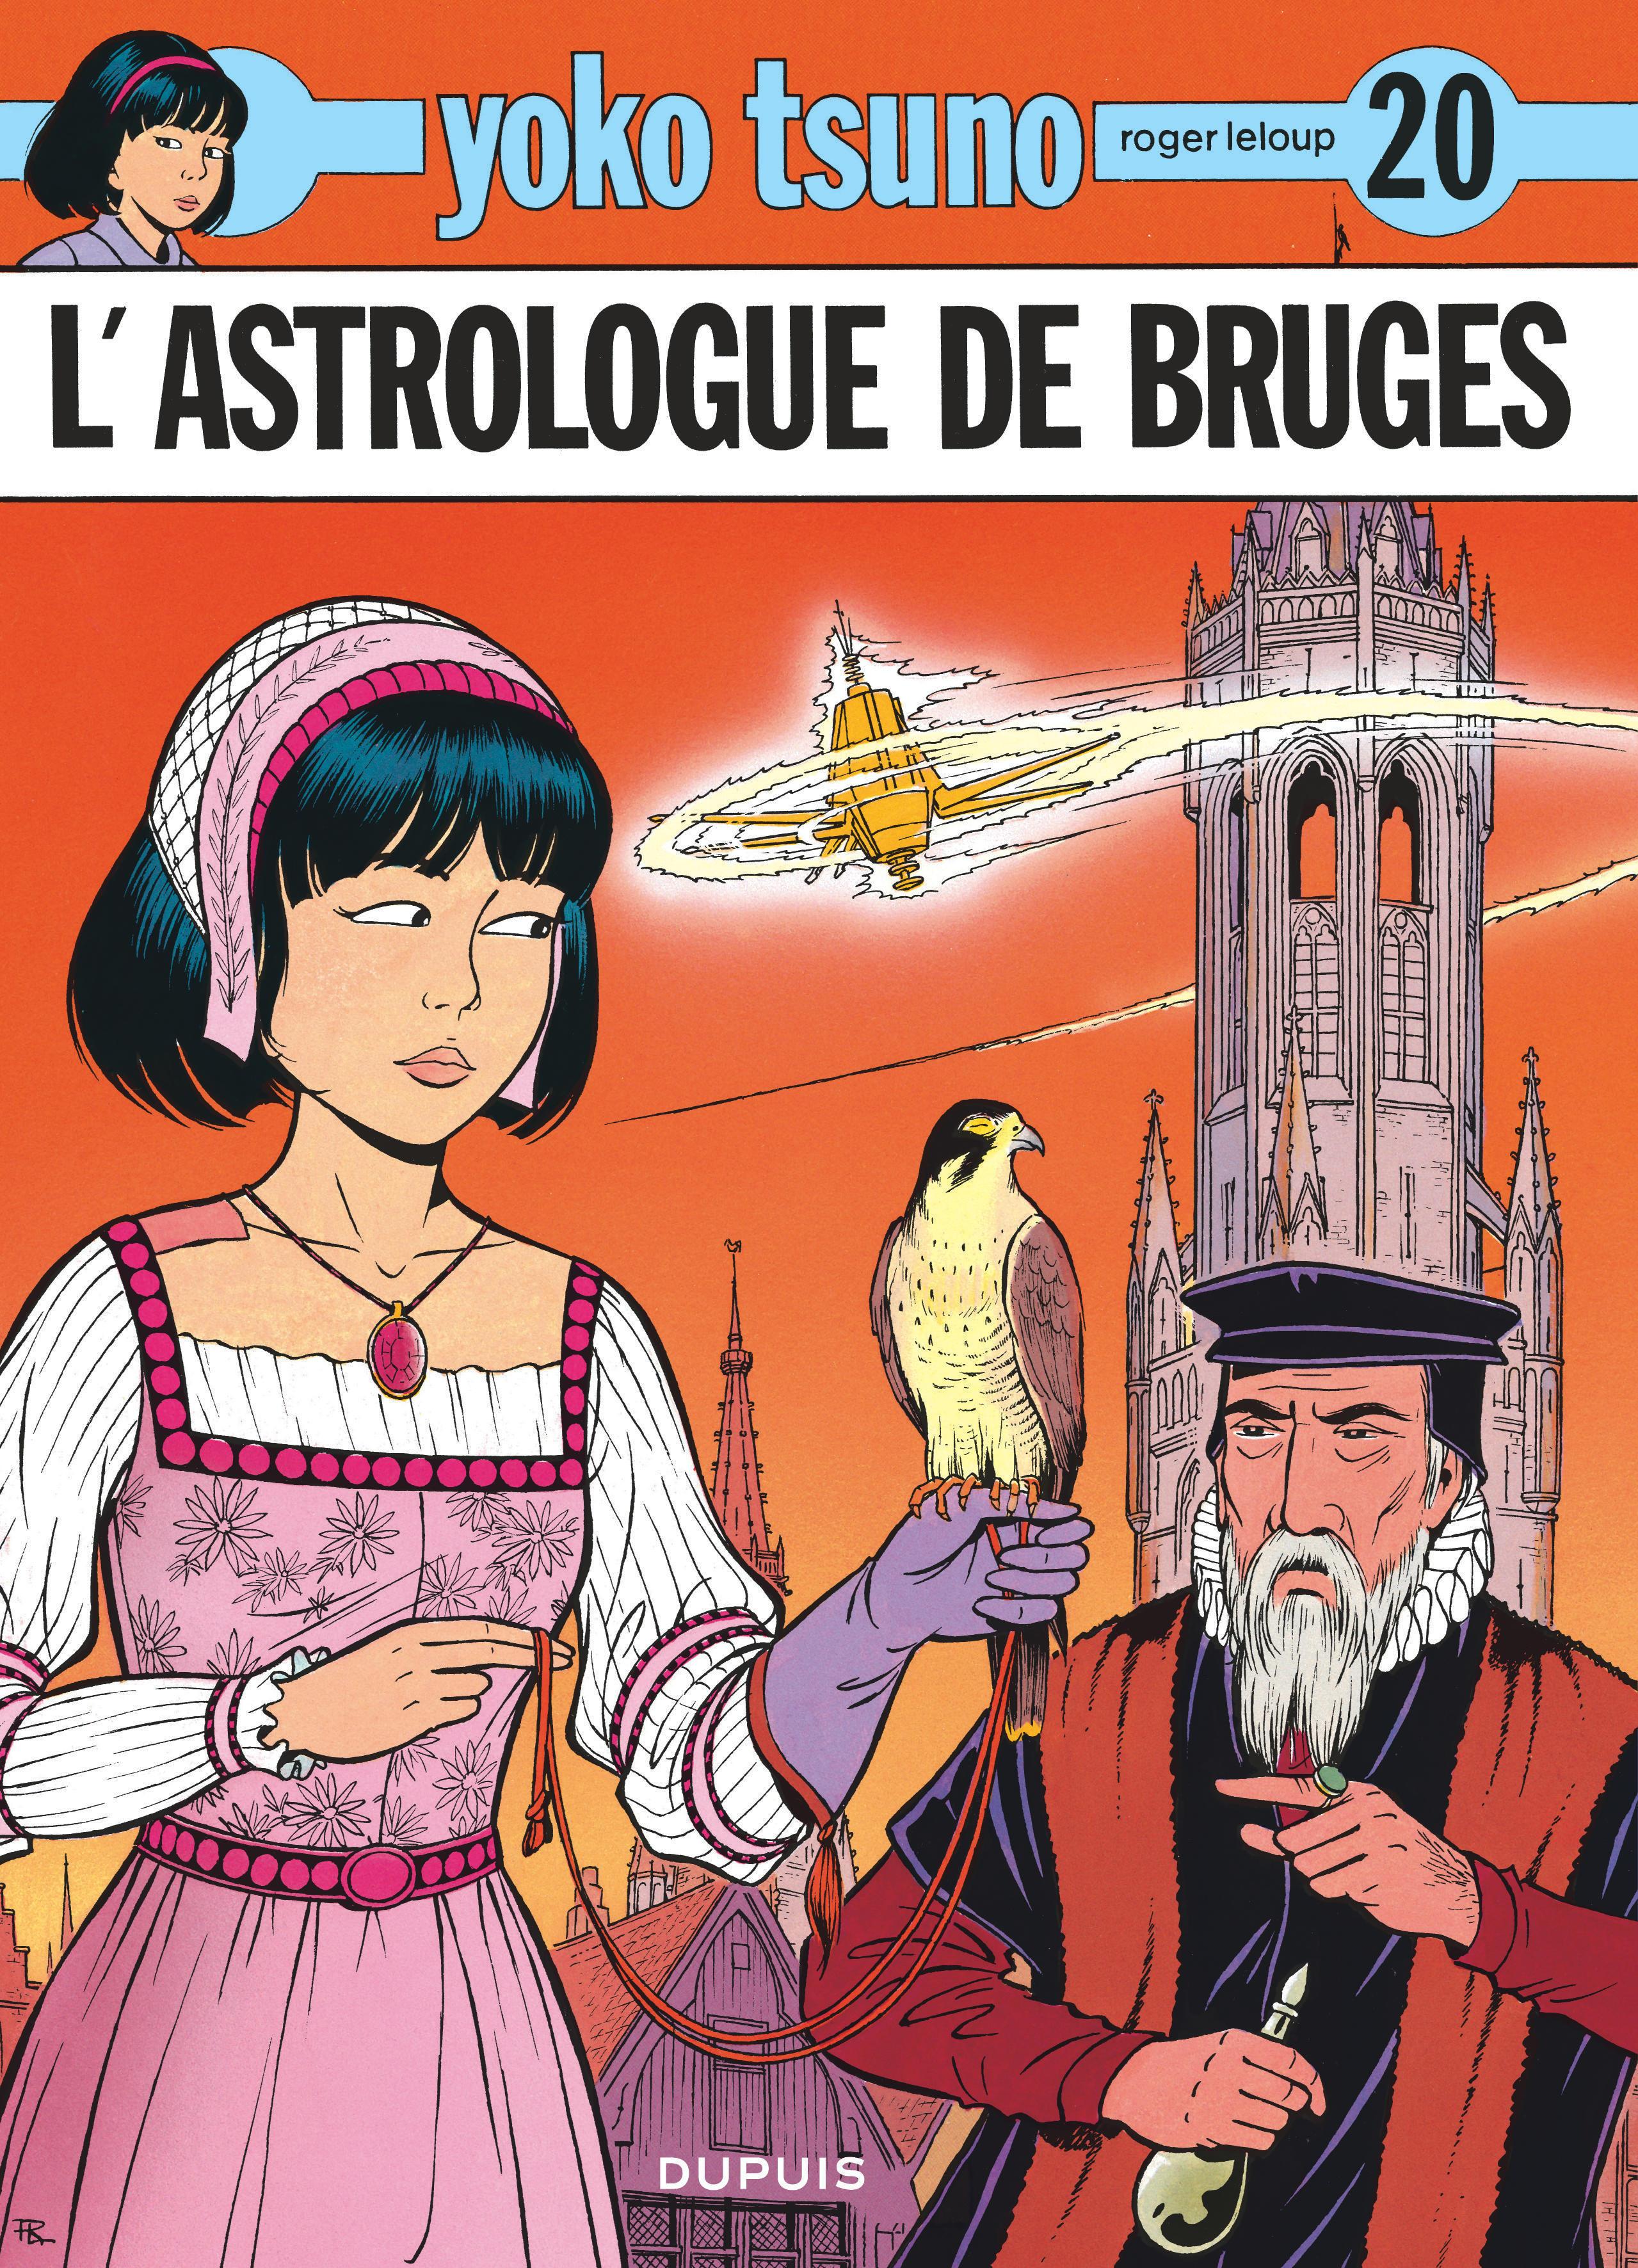 YOKO TSUNO - TOME 20 - L'ASTROLOGUE DE BRUGES